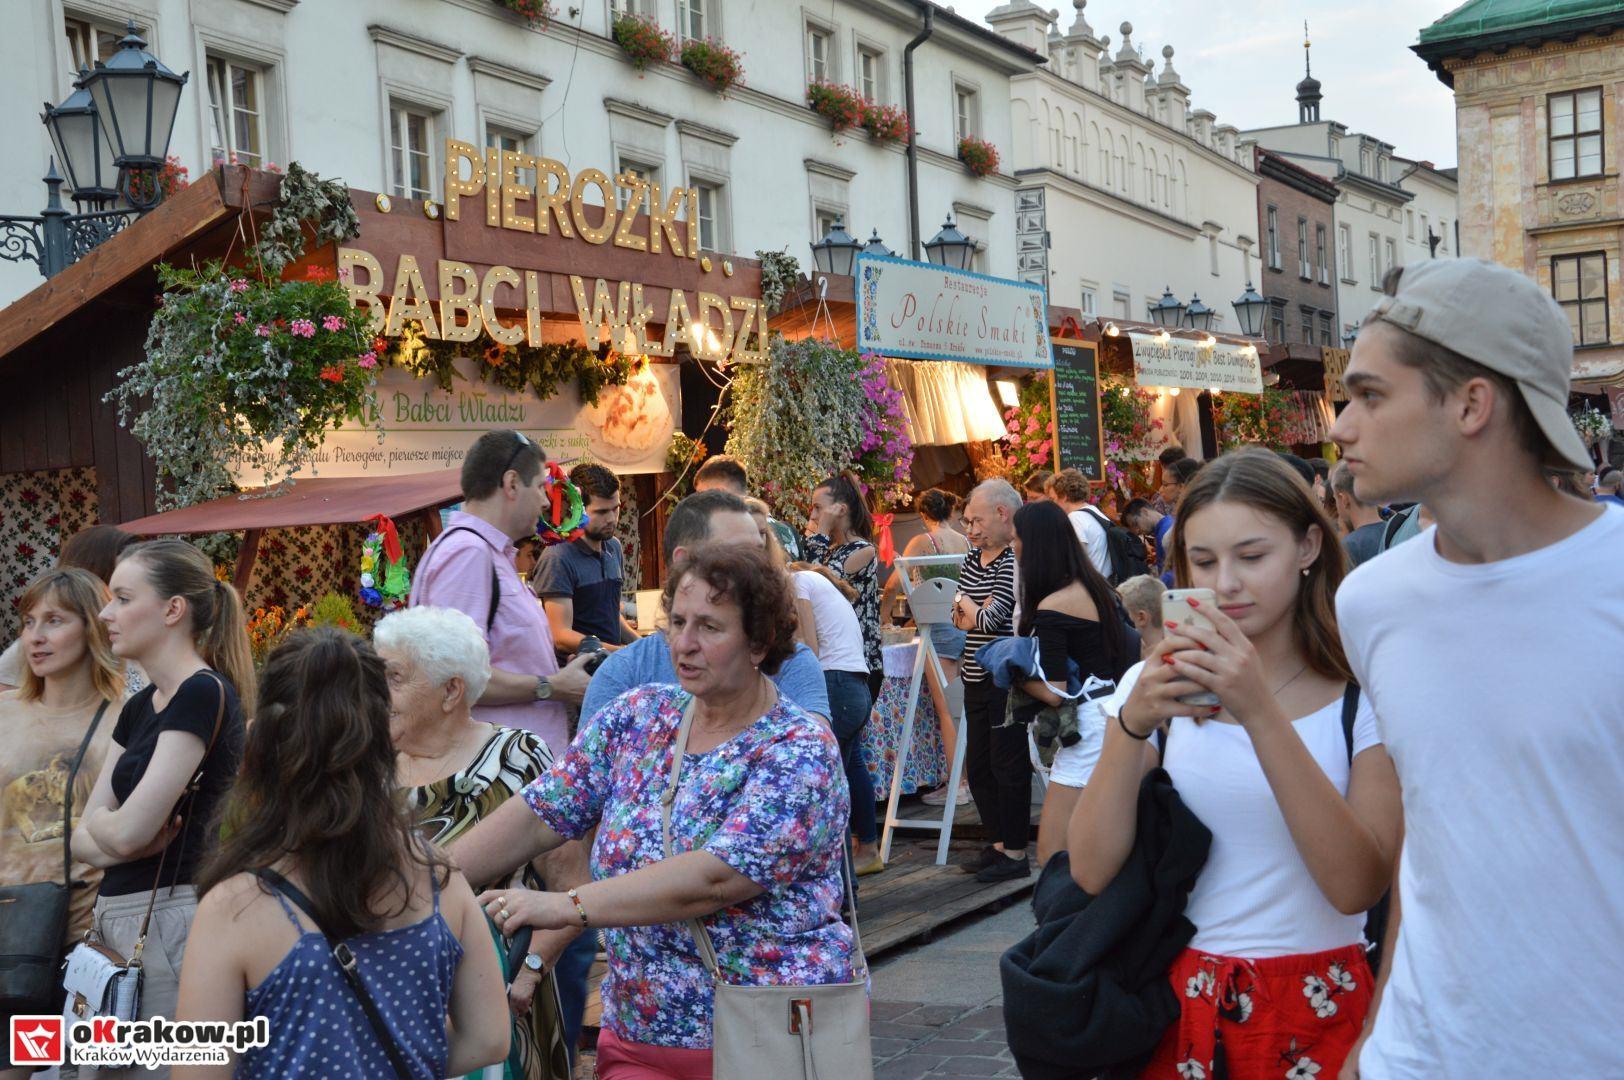 krakow festiwal pierogow maly rynek koncert cheap tobacco 133 150x150 - Galeria zdjęć Festiwal Pierogów Kraków 2018 + zdjęcia z koncertu Cheap Tobacco